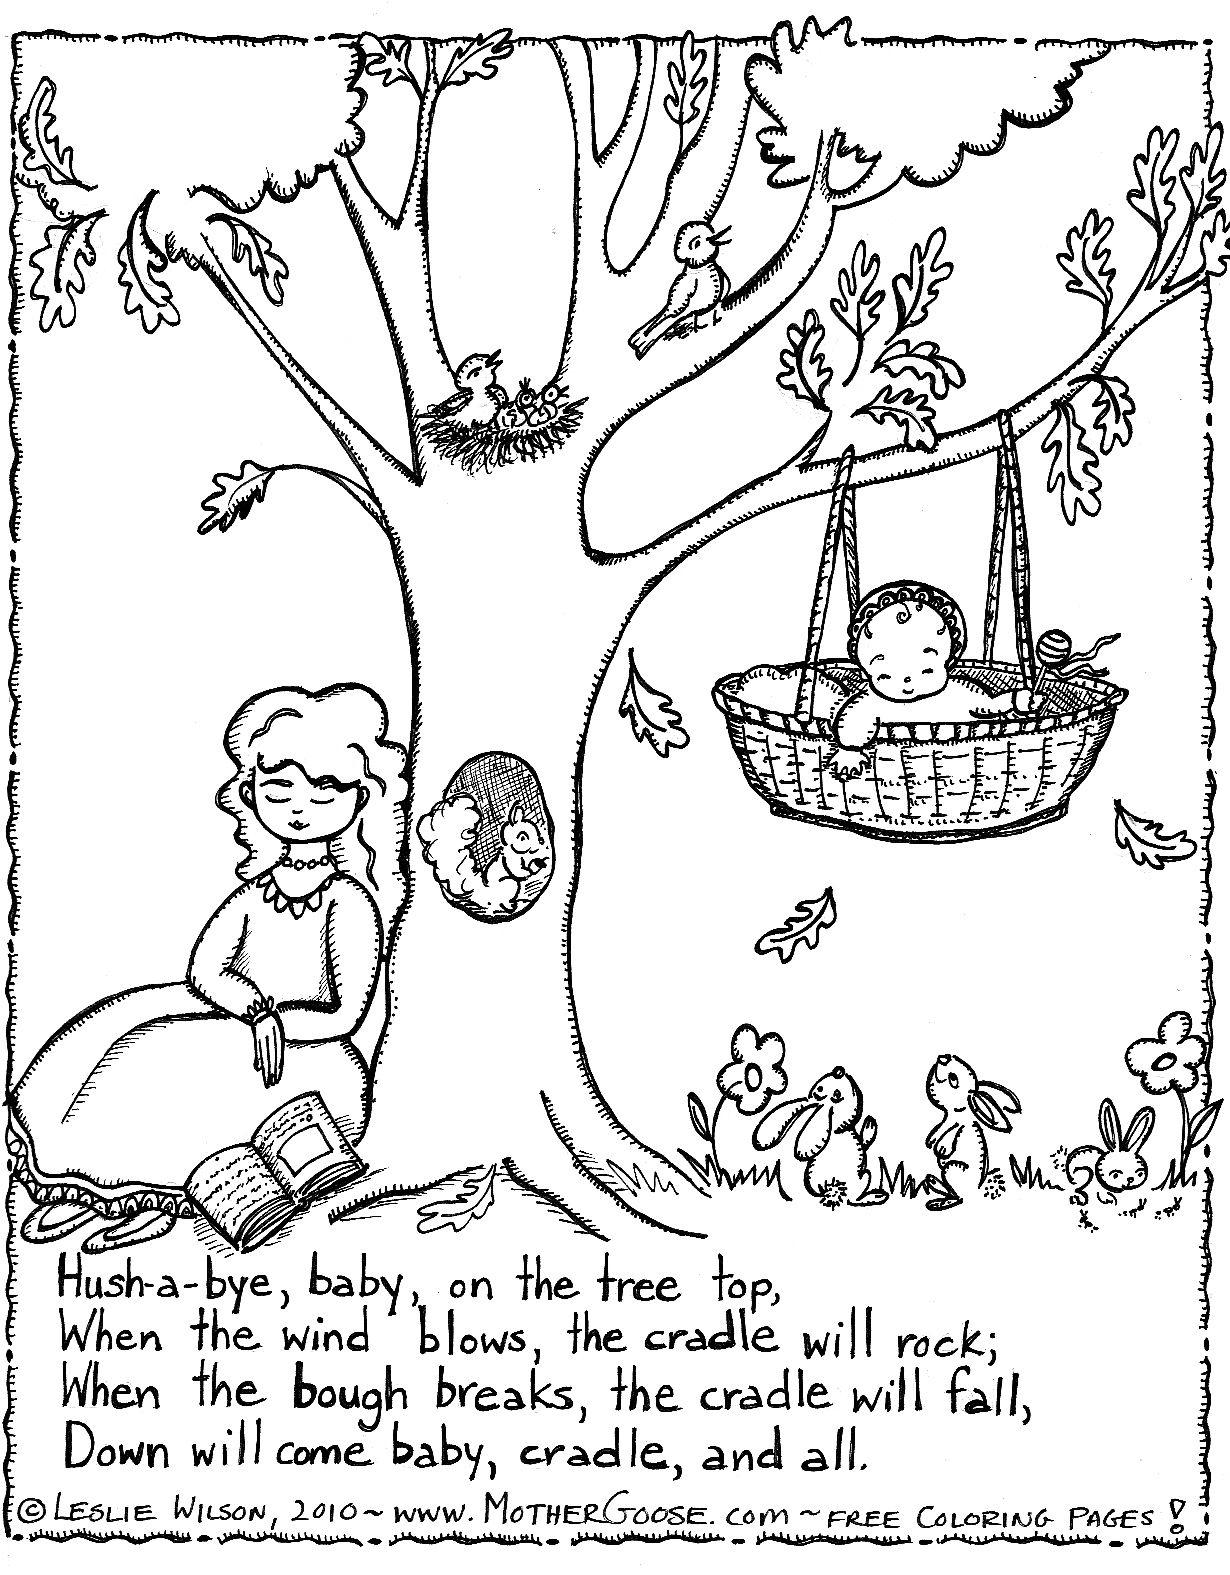 Nursery Rhyme Coloring Page | Teaching - Nursery Rhymes/mother Goose - Mother Goose Coloring Pages Free Printable